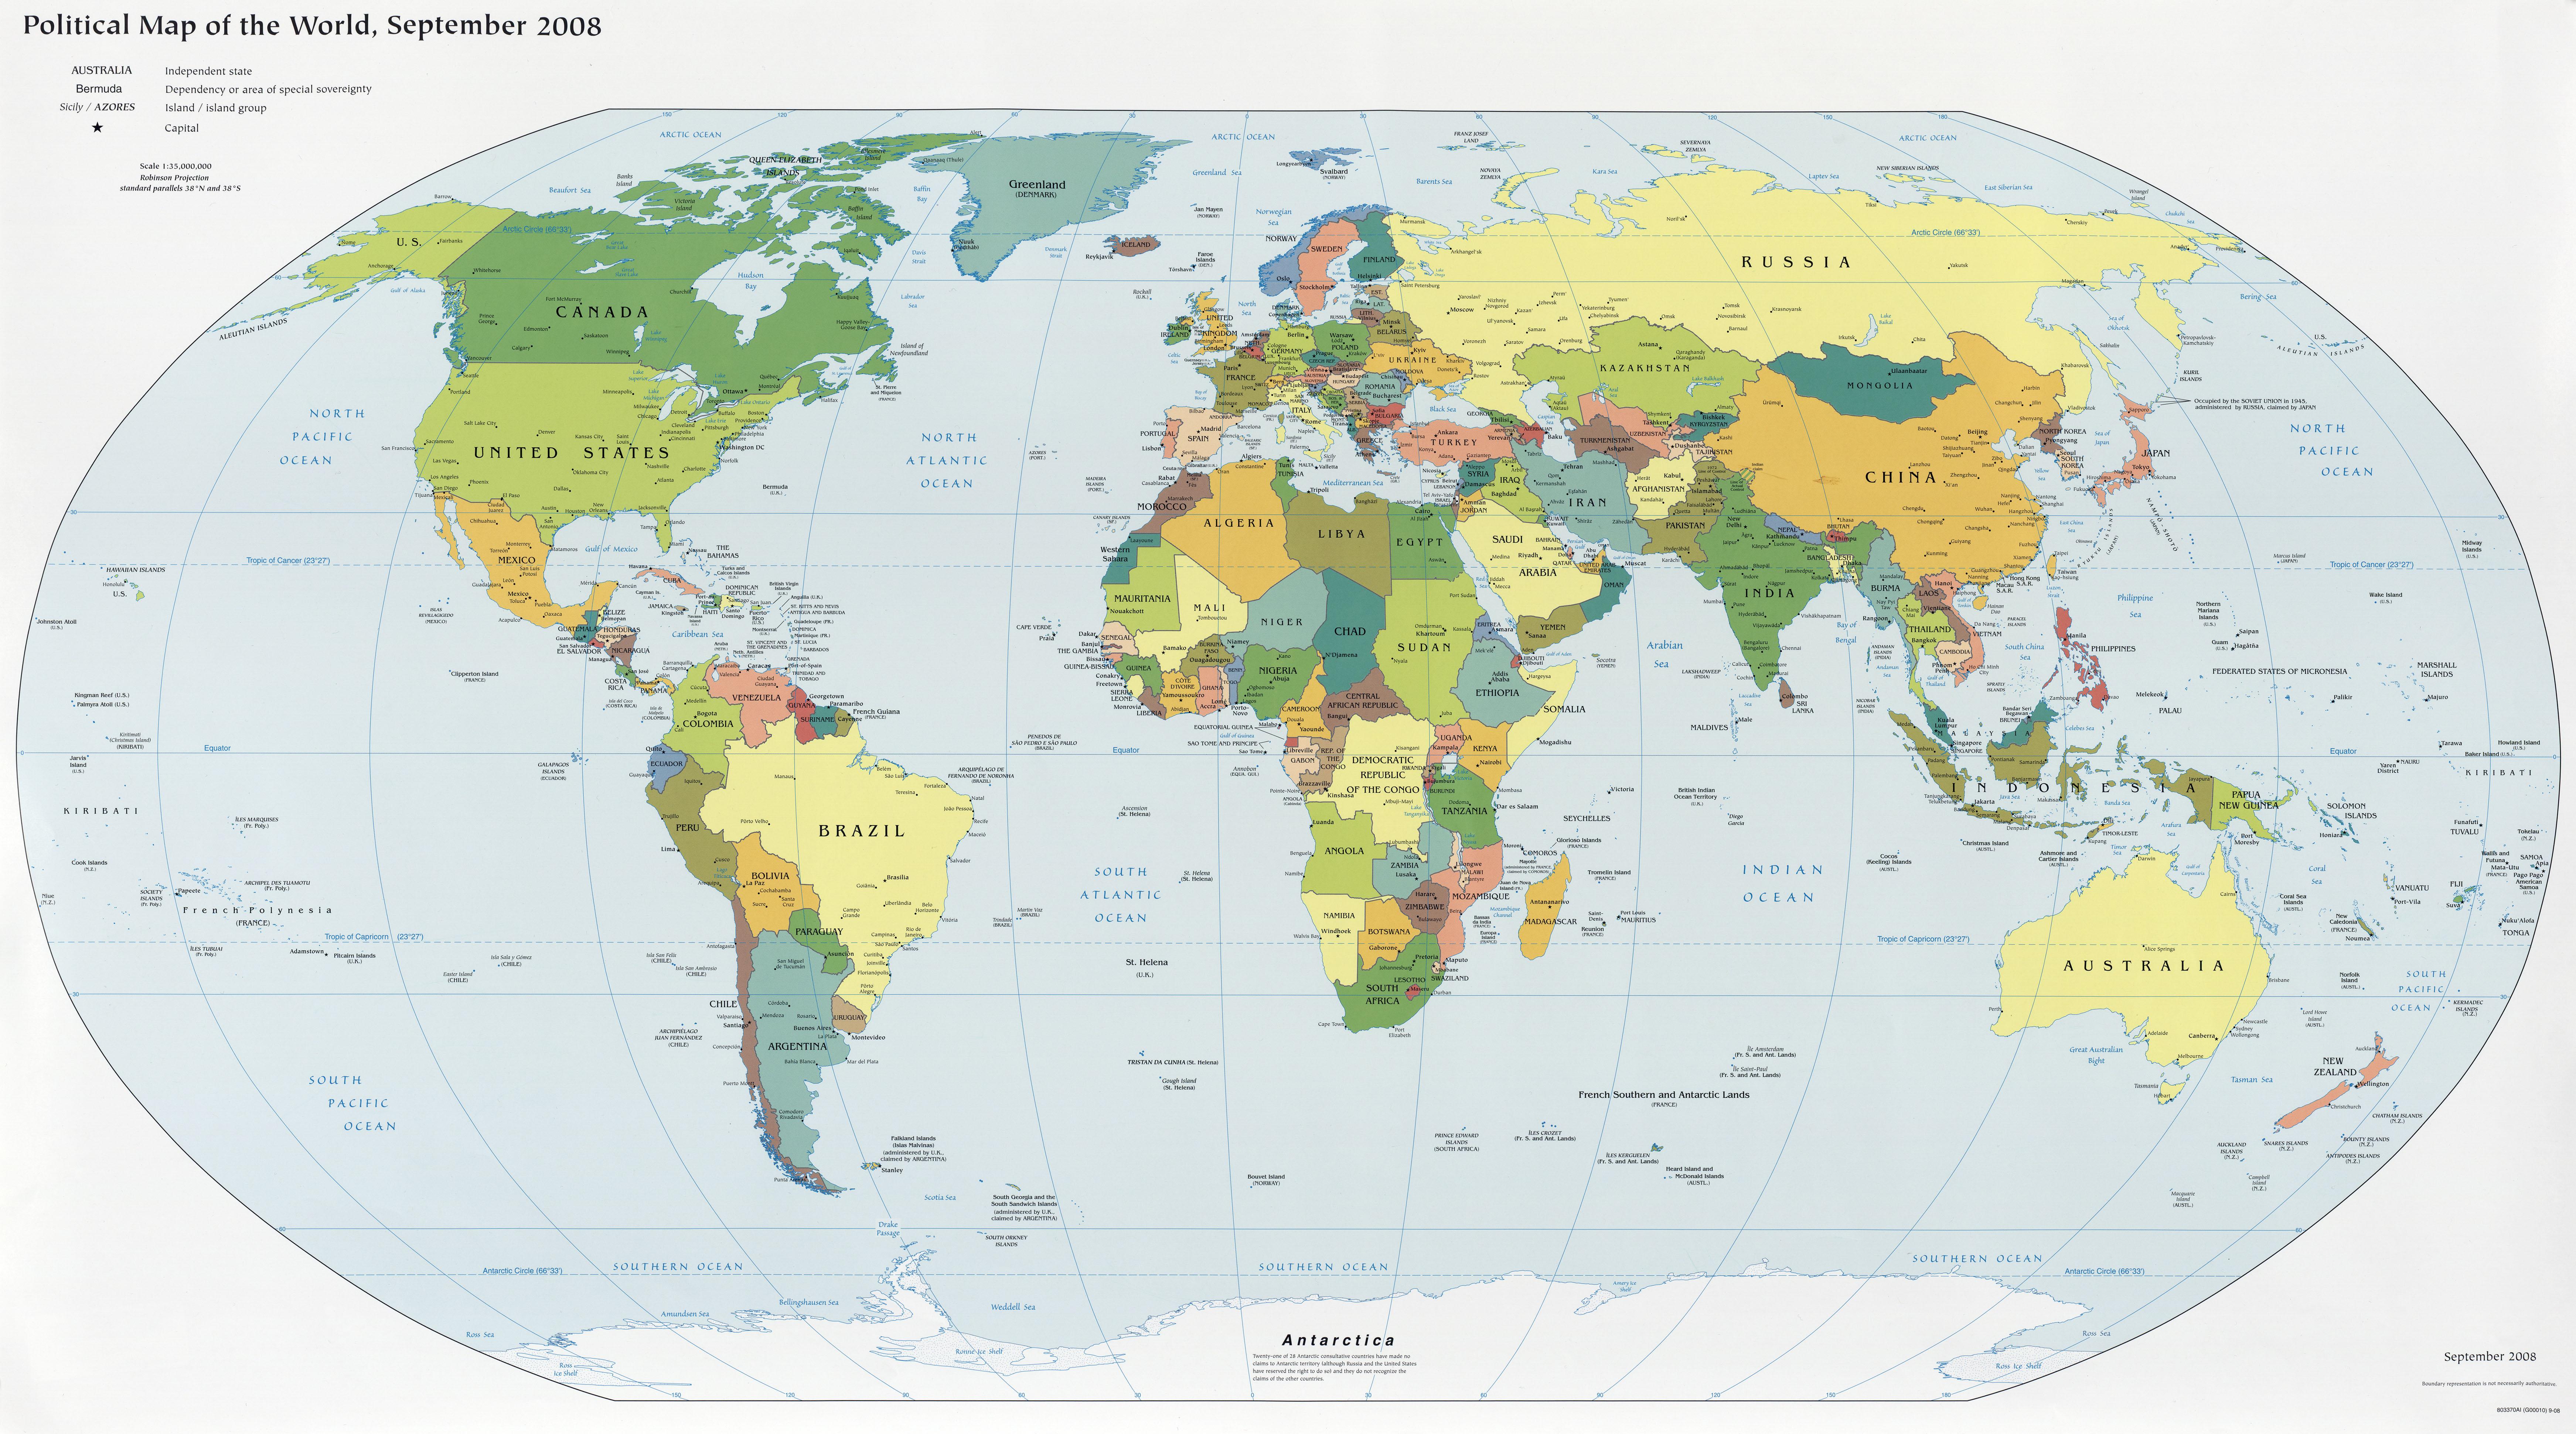 Revista Eno Estilo Novo Mapa Mundi Gigante Para Consulta